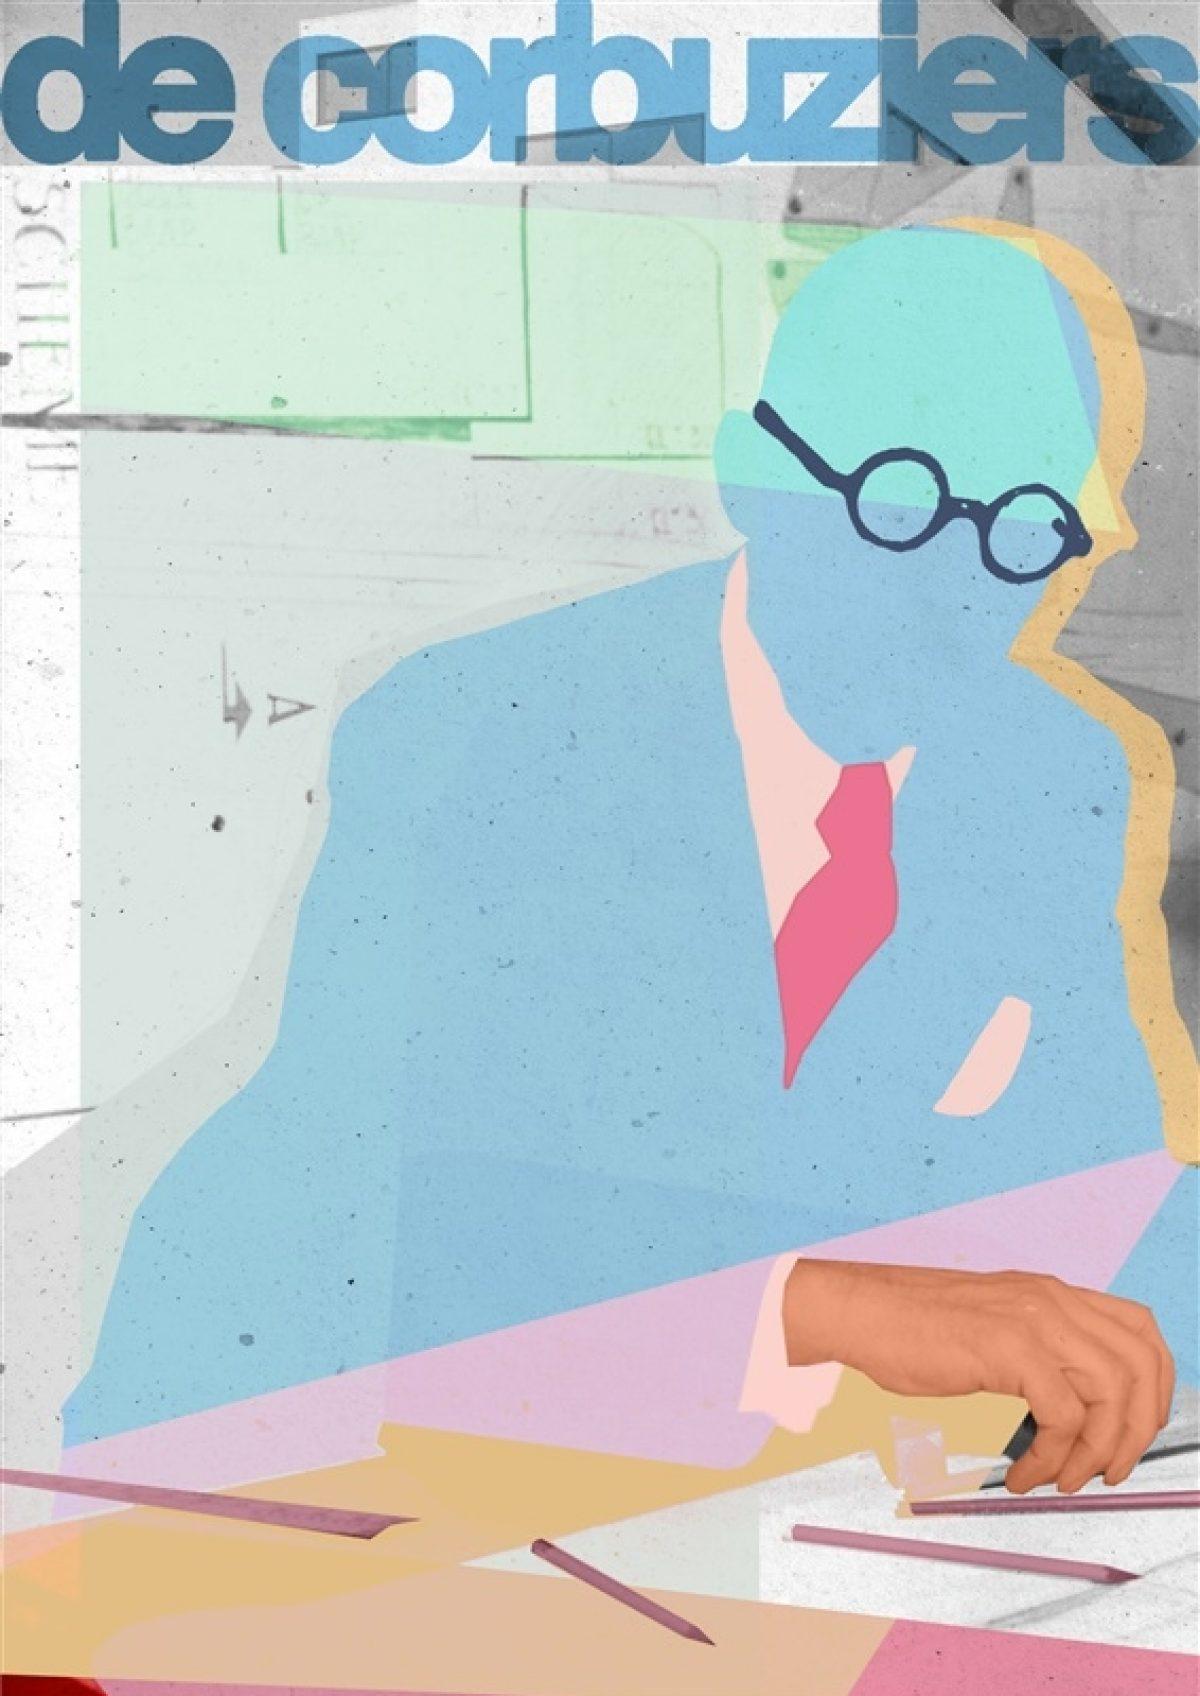 Δέσμη εκδηλώσεων για τα 50 χρόνια από το θάνατο του Le Corbusier, από τη Σχολή Αρχιτεκτόνων του ΕΜΠ